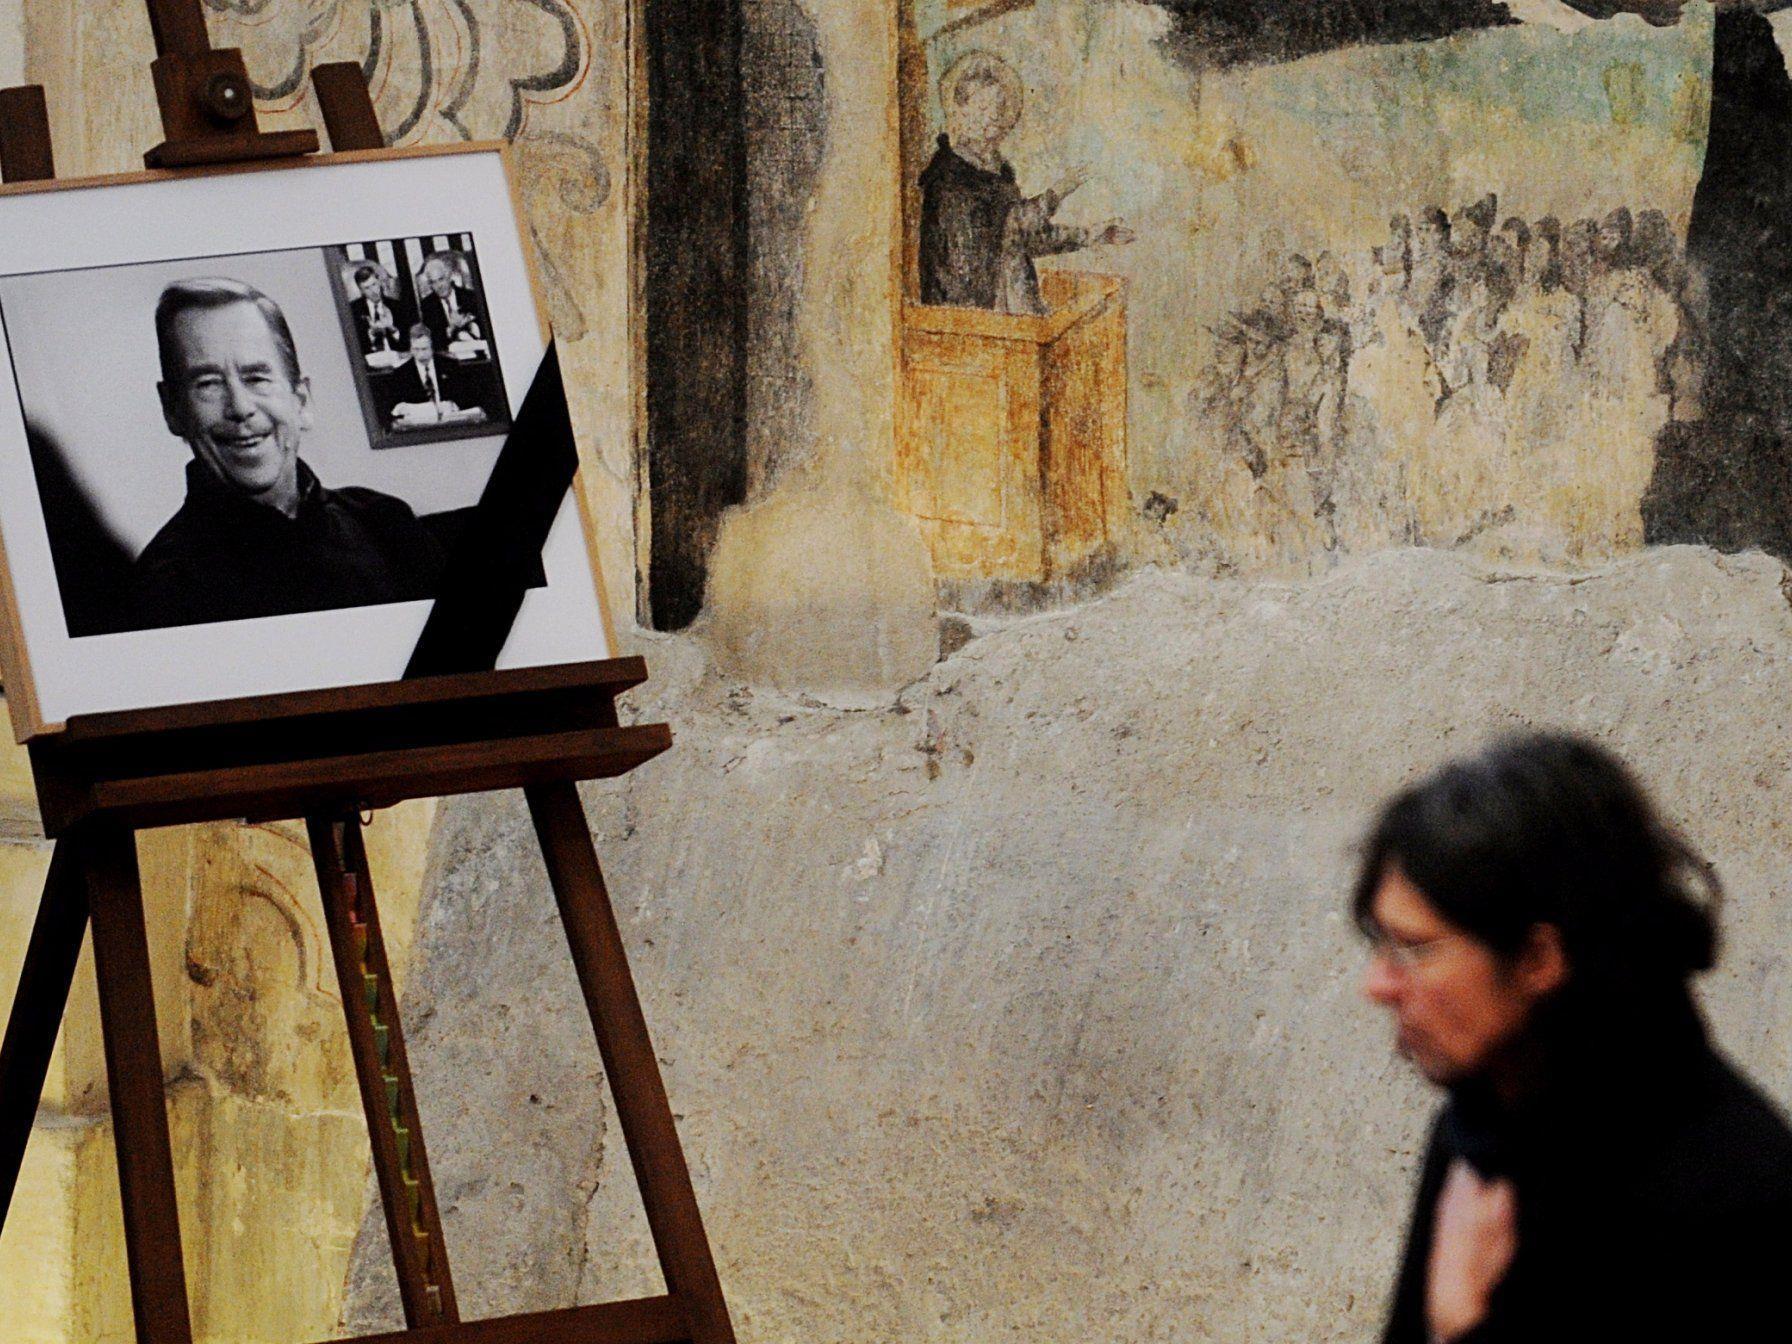 In der St. Anna-Kirche in Prag verabschiedeten sich die Menschen von Vaclav Havel.